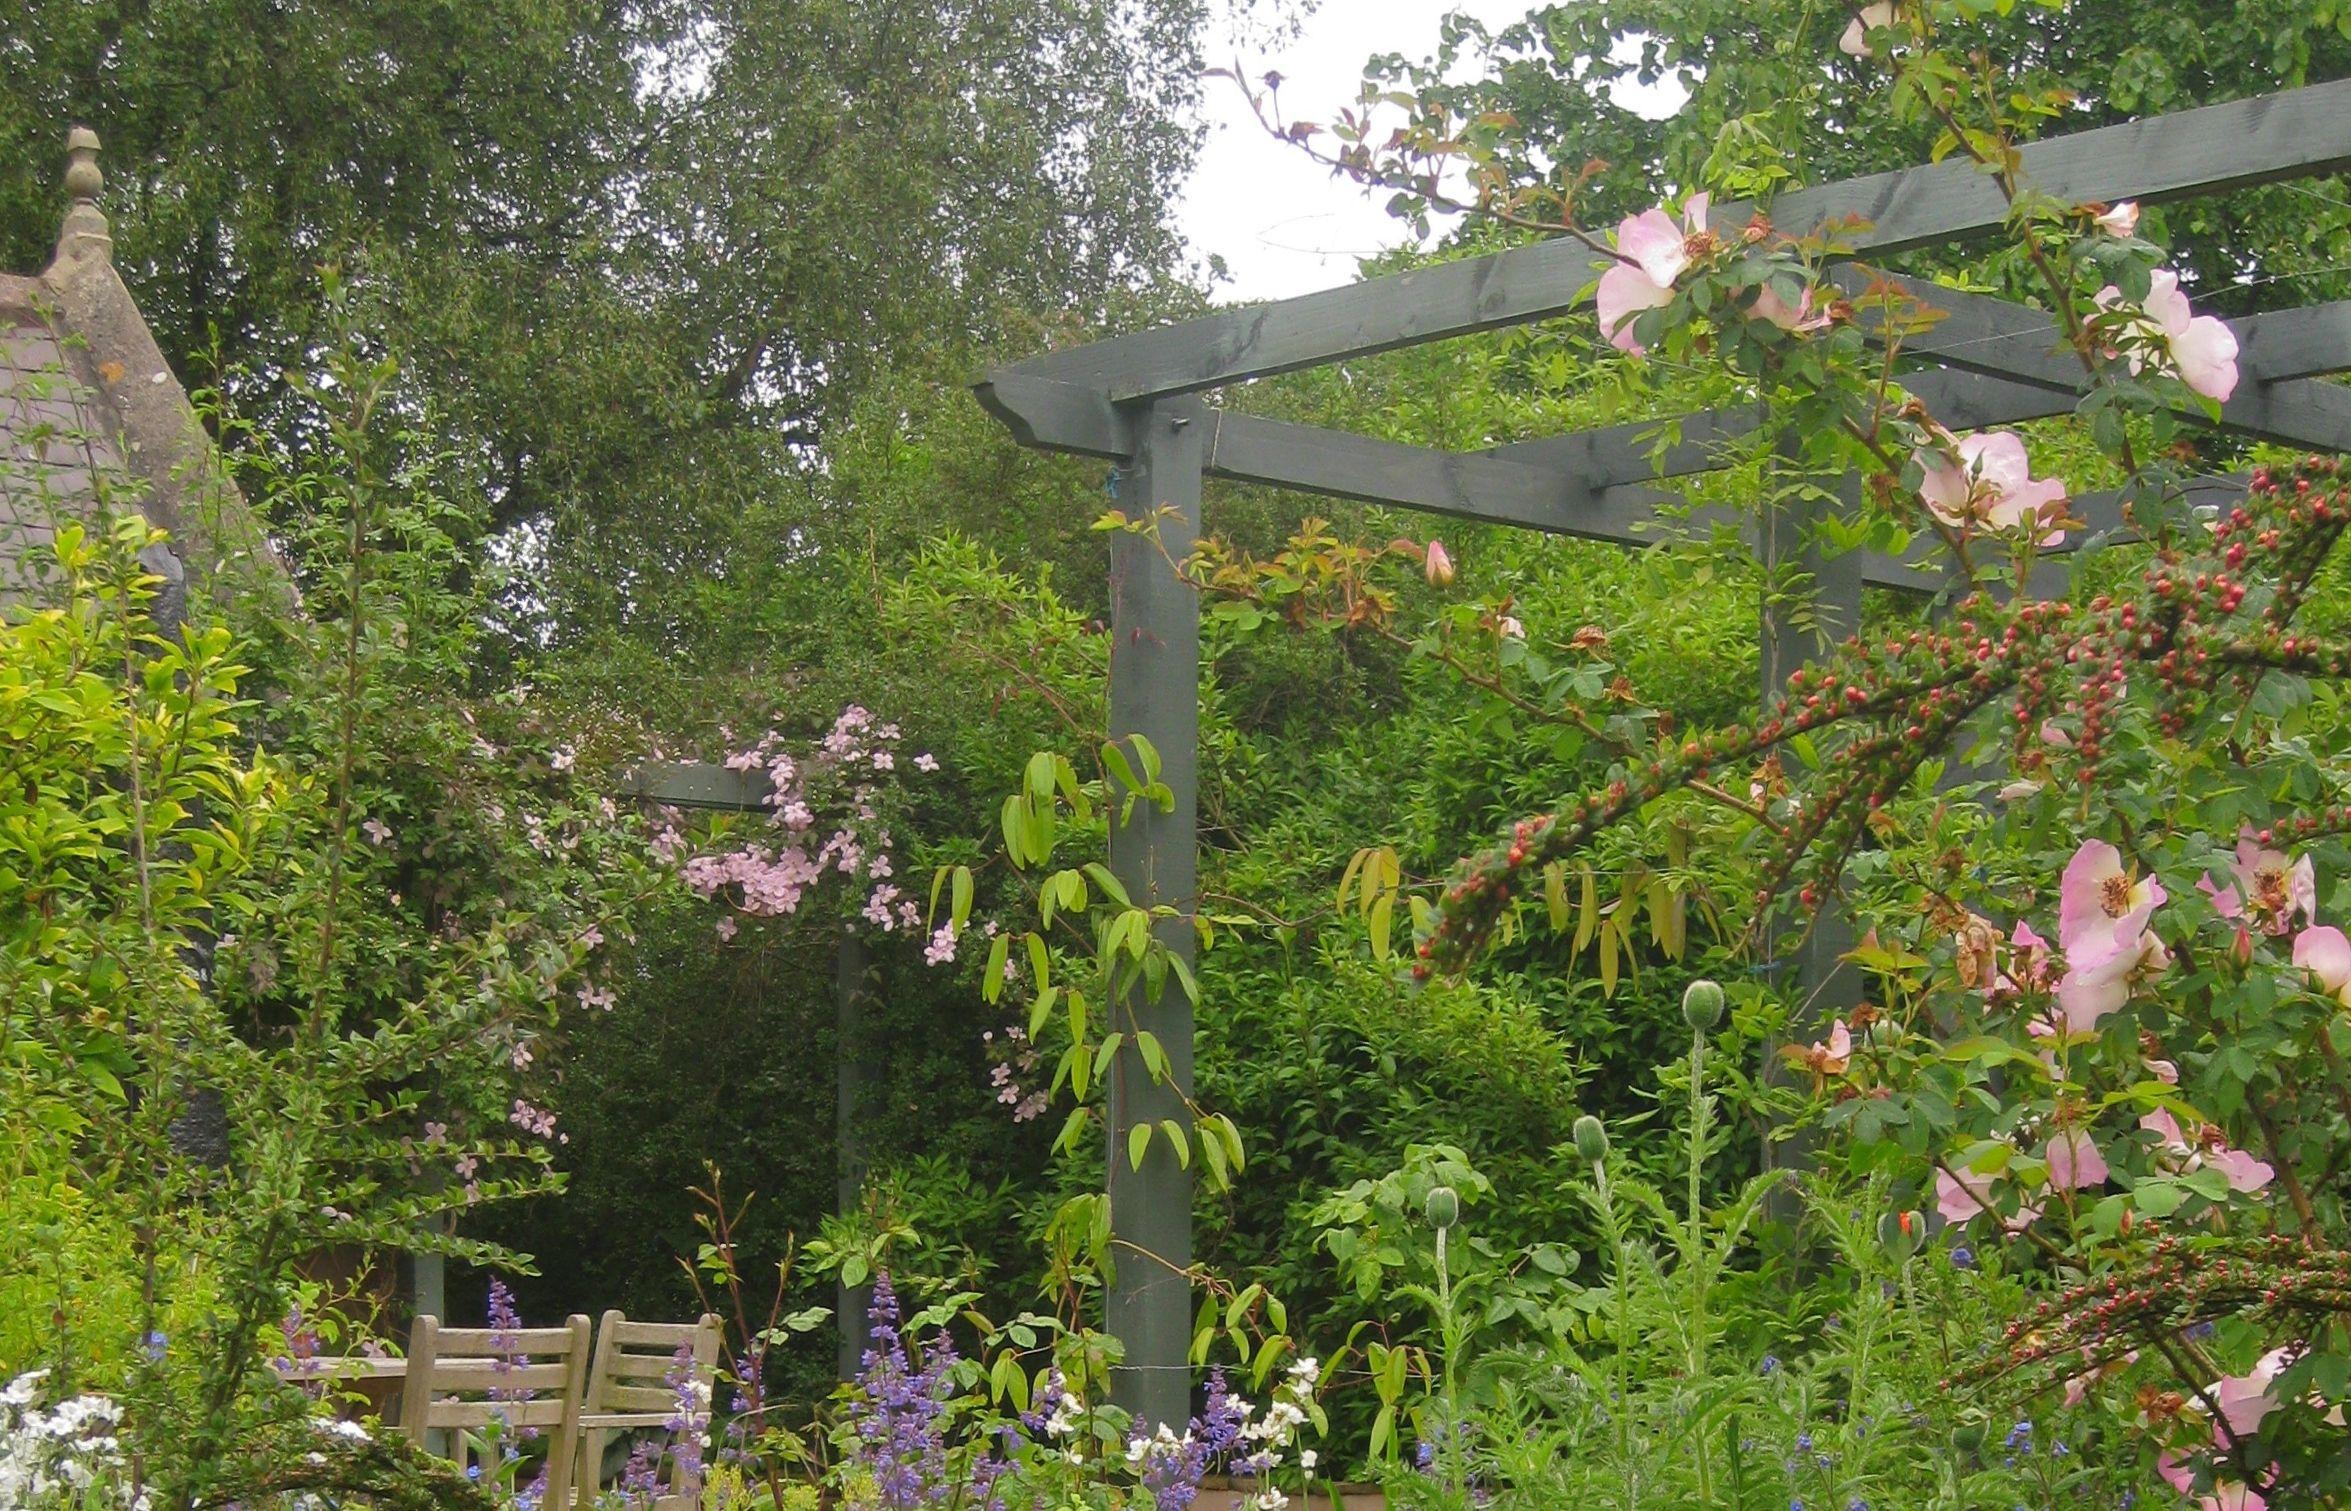 Cottage garden in Dirleton, Scotland by Goose Green Design